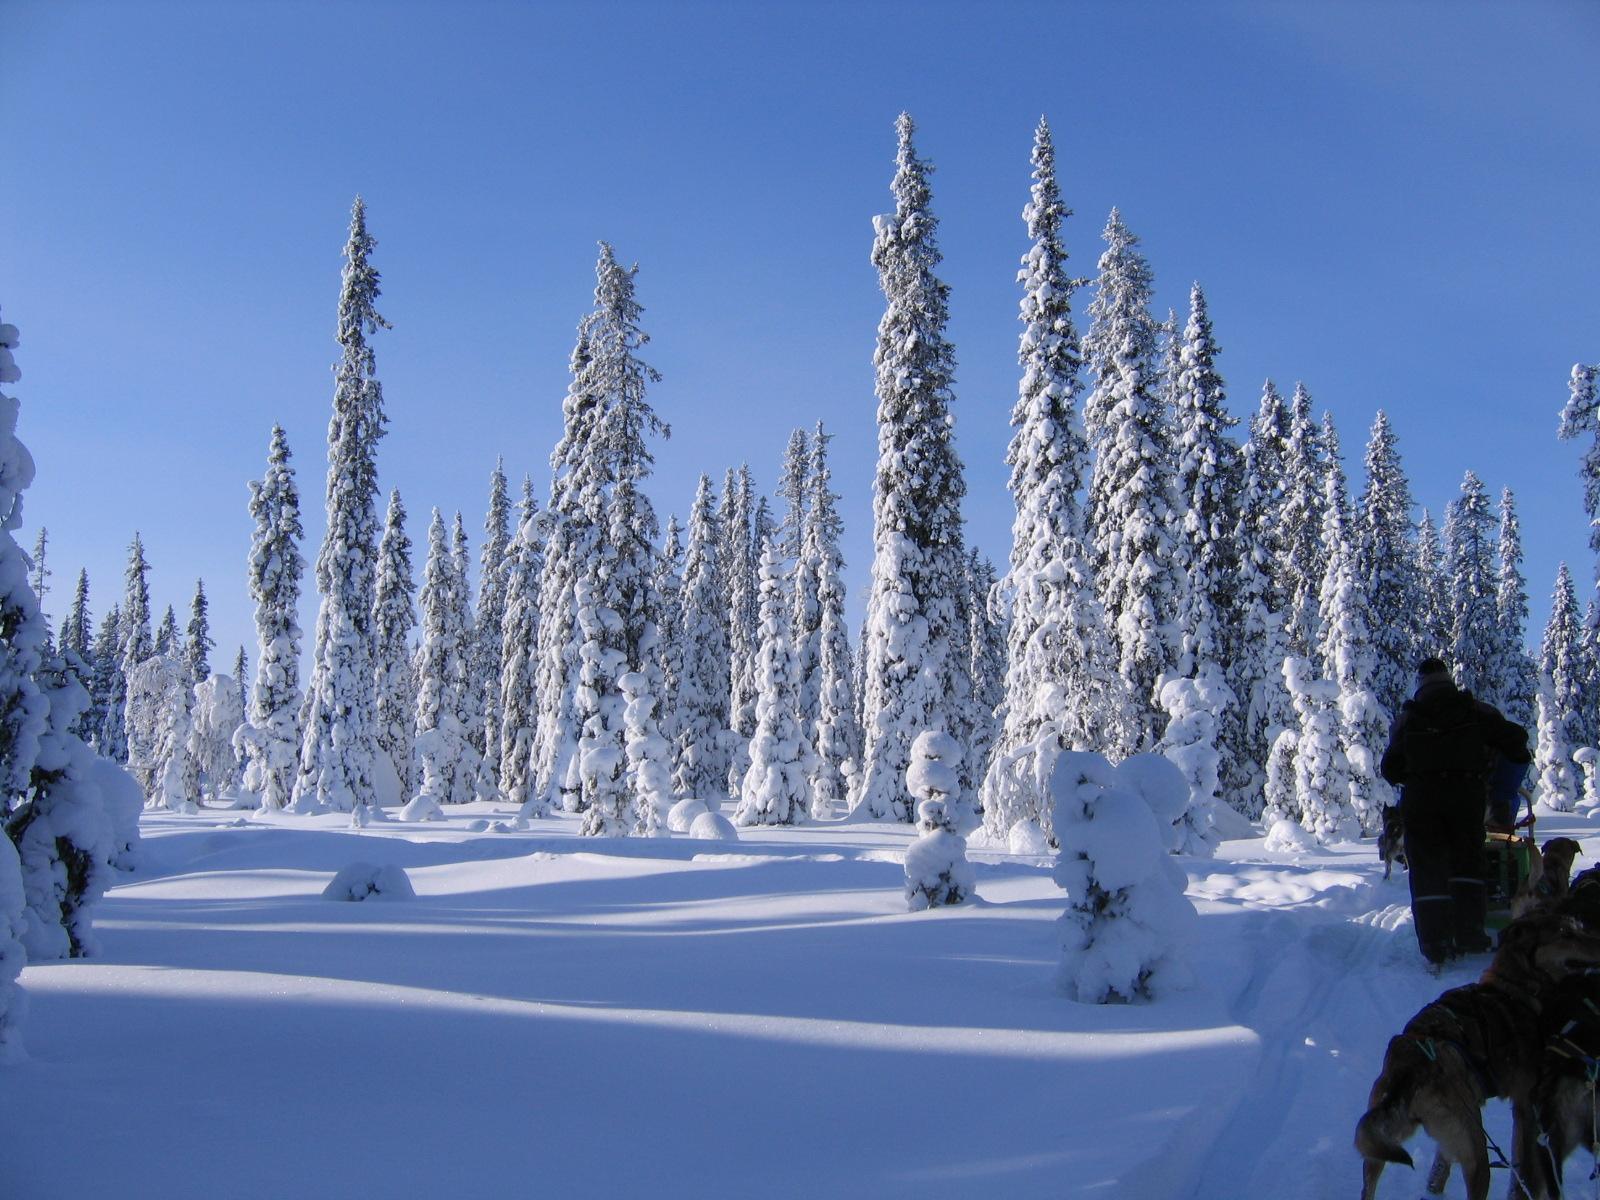 Weihnachten im Schnee - nordic holidays gmbh - Pressemitteilung